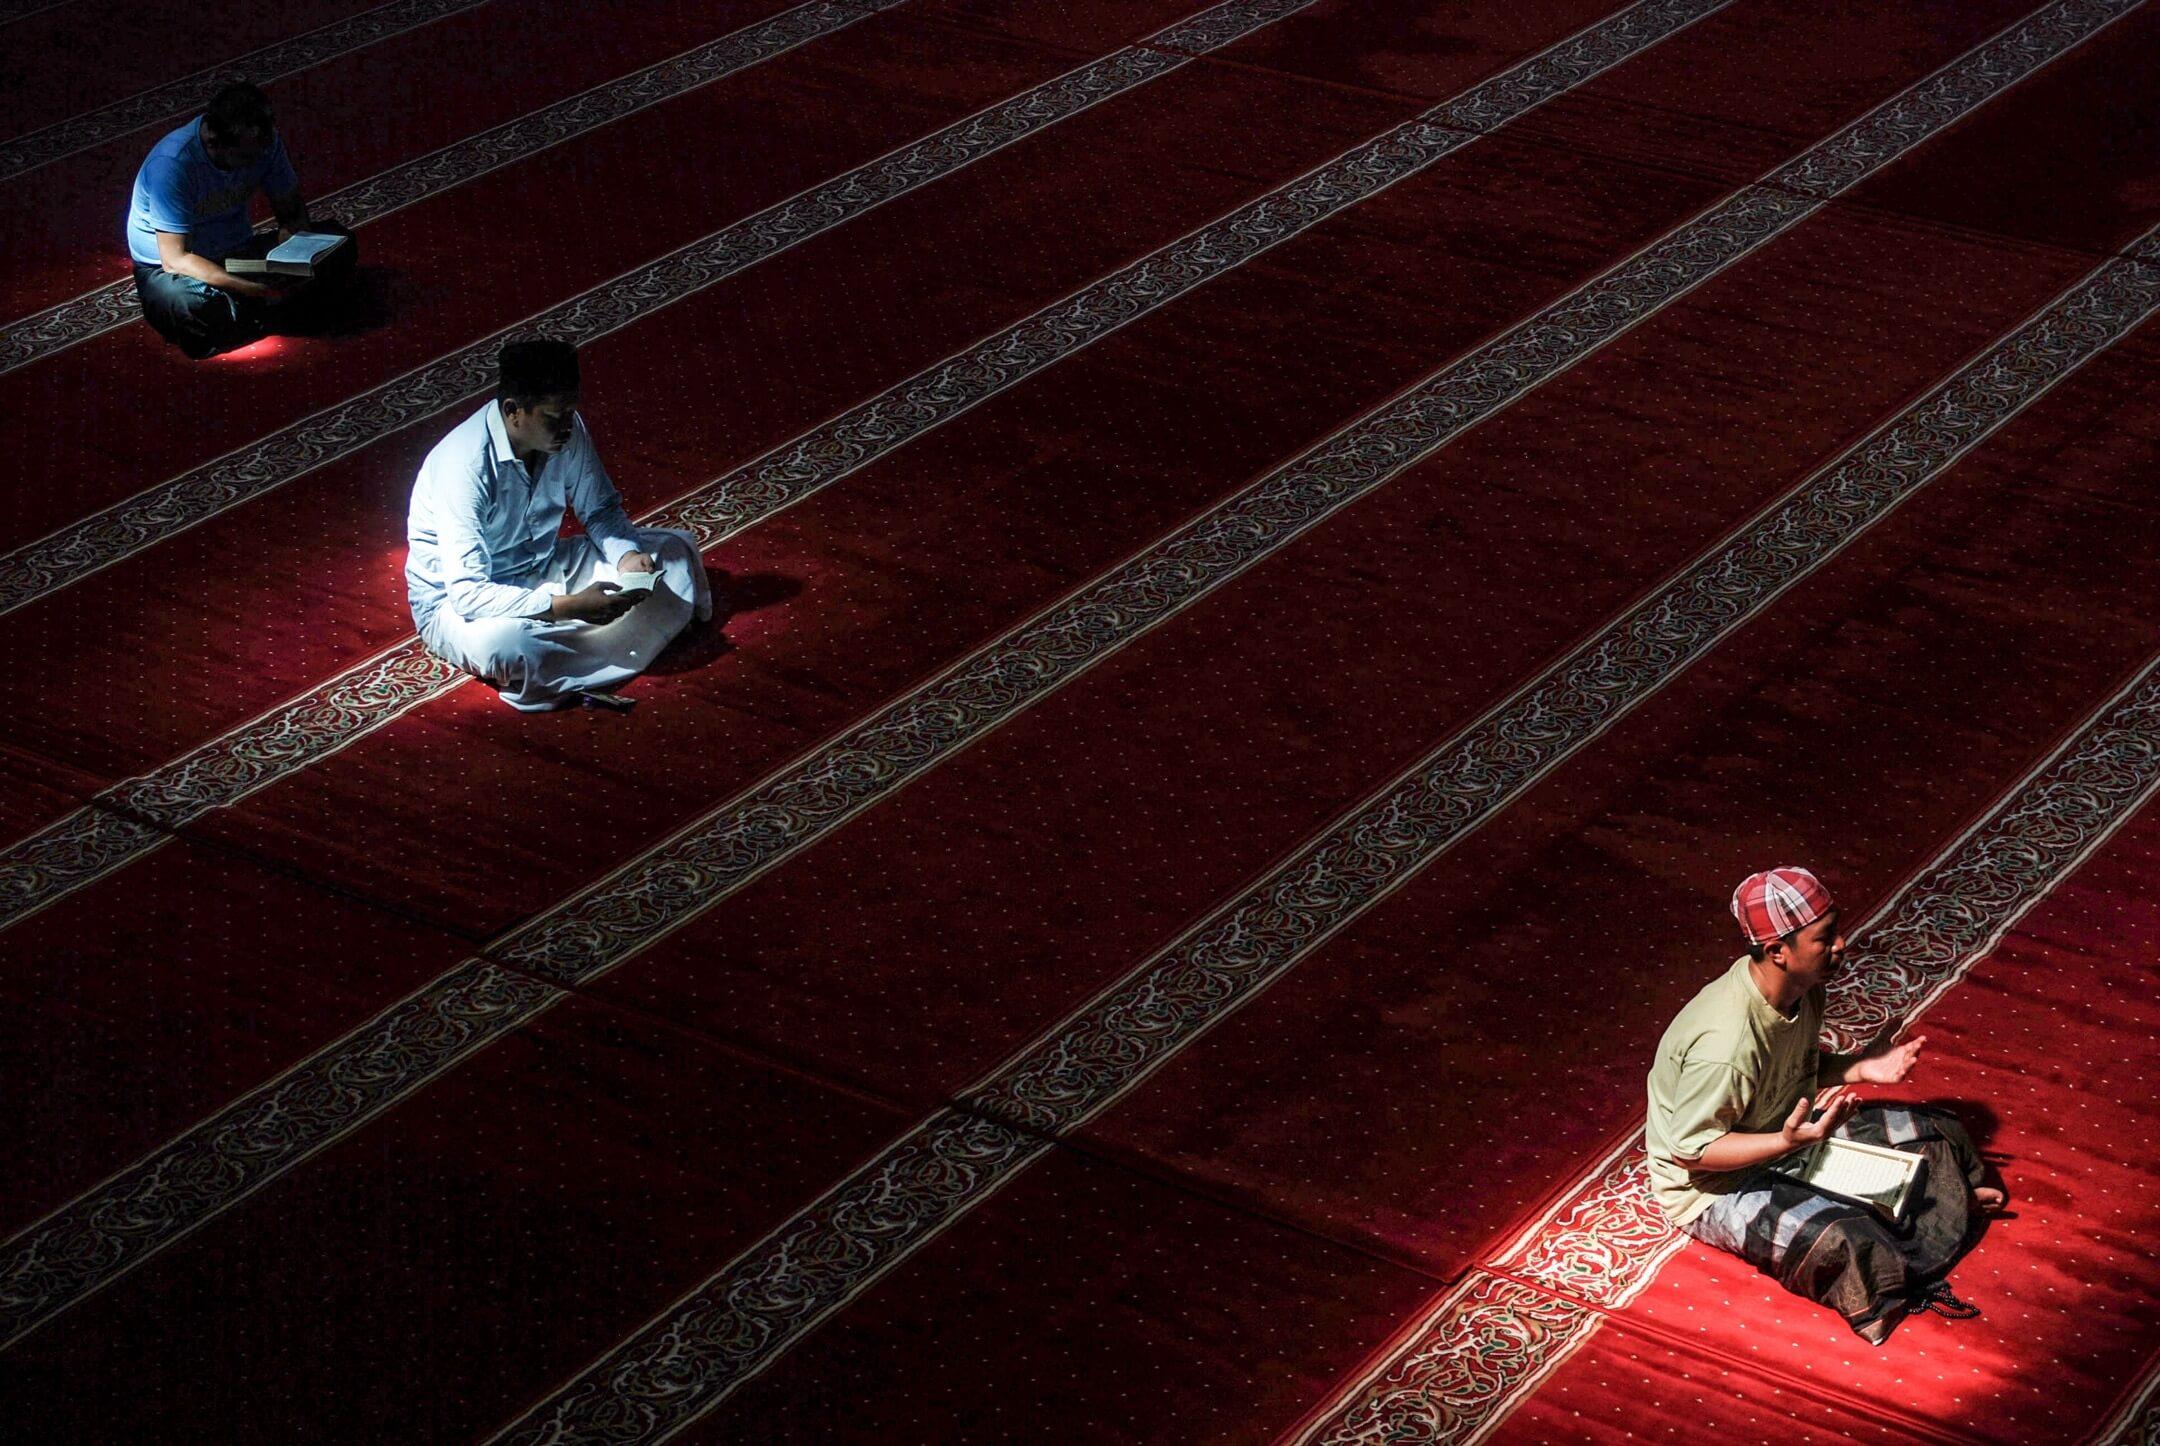 2018年5月23日,伊斯蘭齋戒月,印尼伊斯蘭教徒在西爪哇萬隆市的一家清真寺內讀可蘭經。